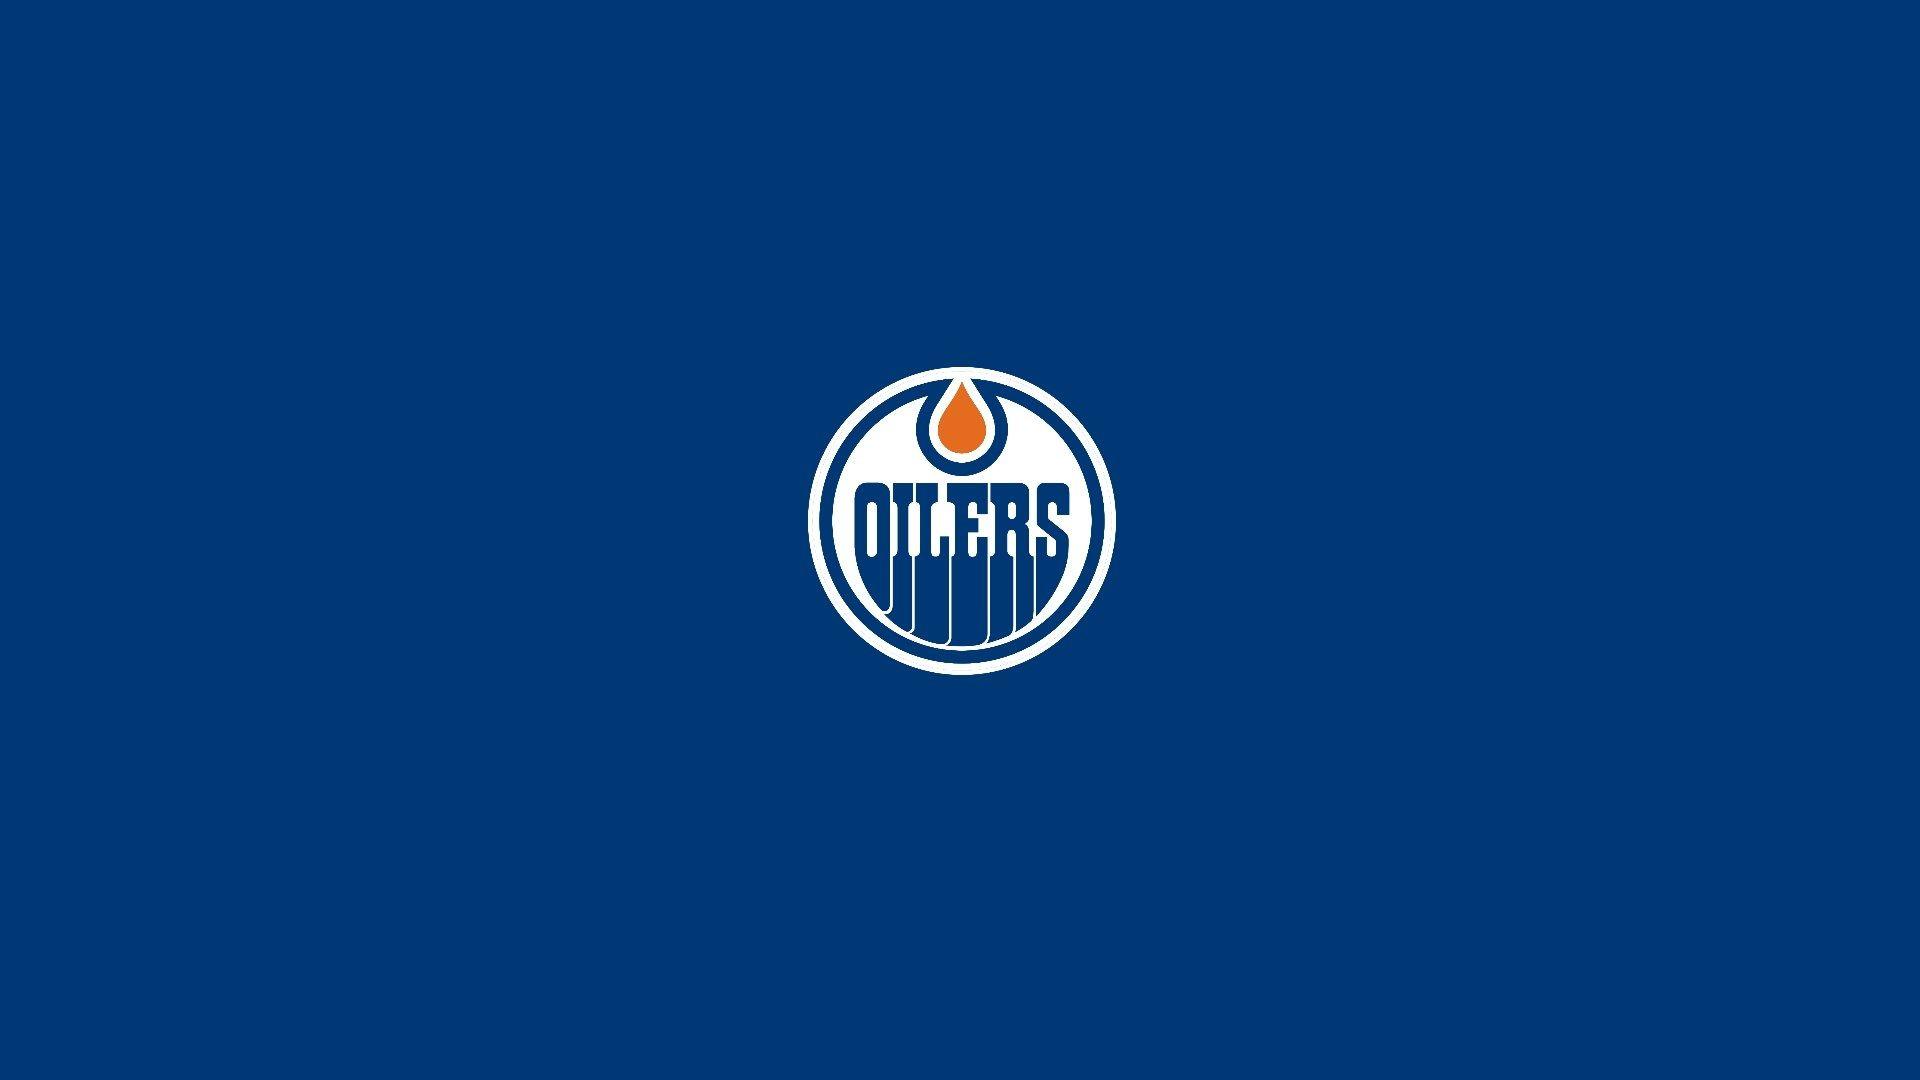 Good Wallpaper Logo Edmonton Oilers - 75856b91de8ff009286a91cdd74831d7  Photograph_219419.jpg